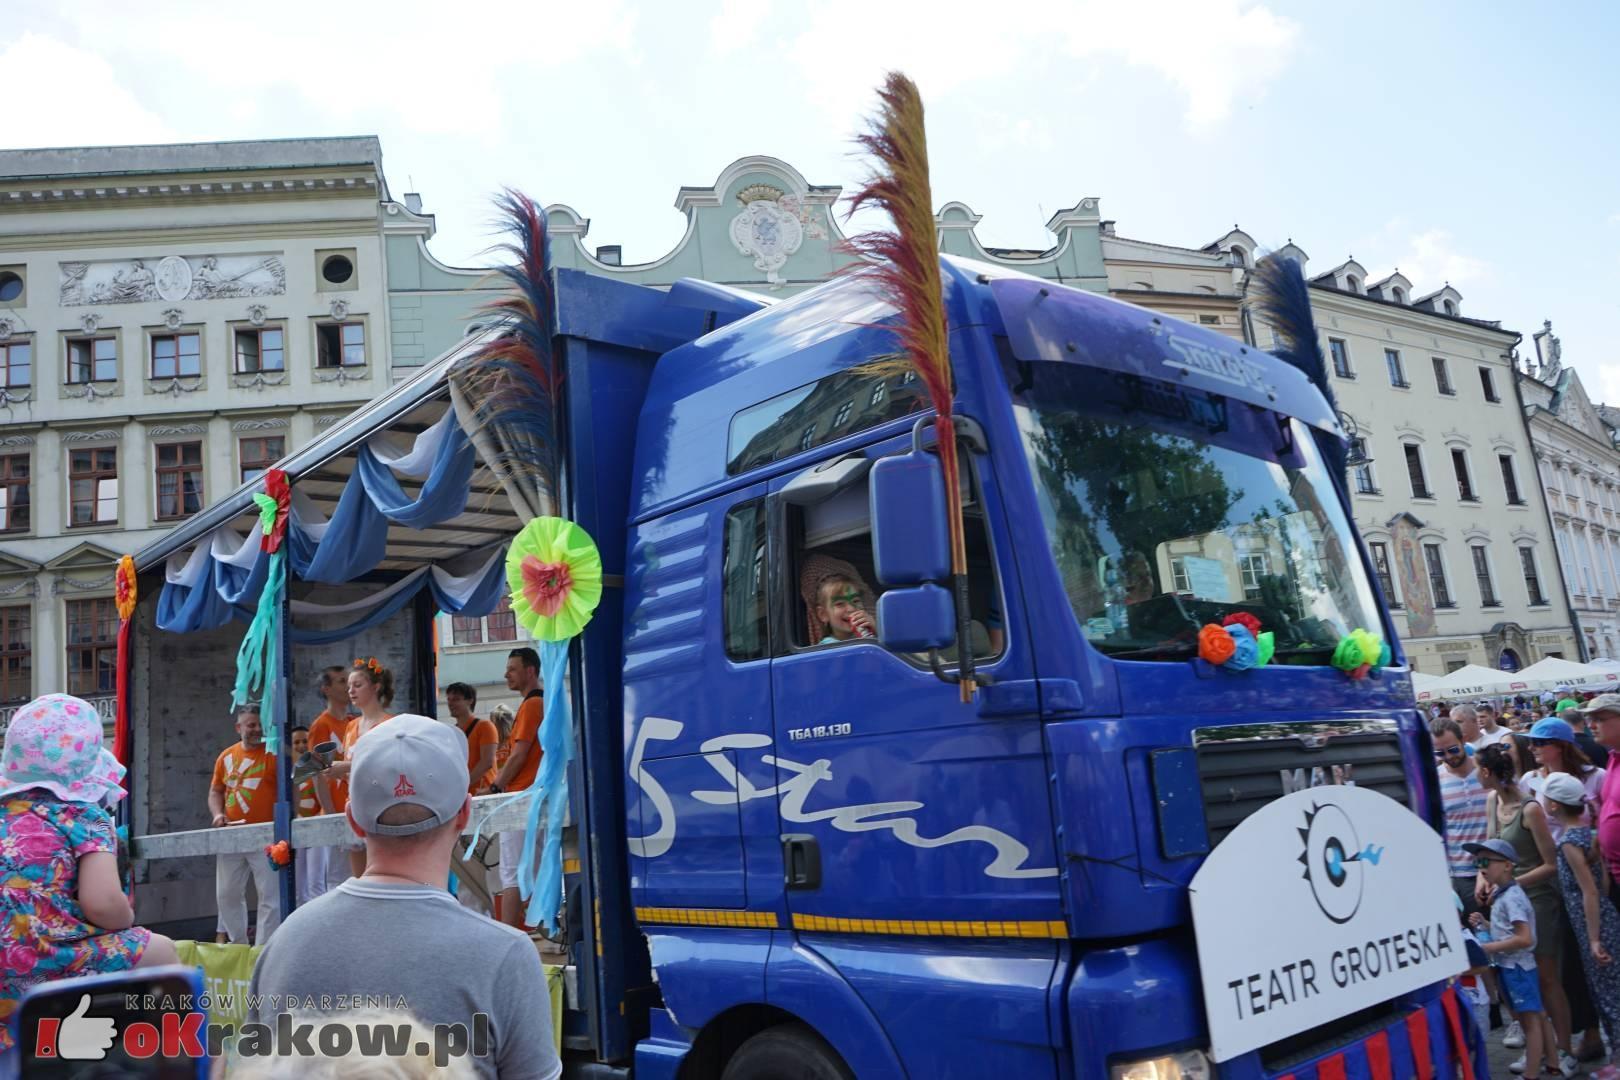 wielka parada smokow przeszla przez krakow w 40 smokow do okola swiata 2019 76 150x150 - Parada Smoków przeszła przez Kraków. Obszerna galeria zdjęć - 2 czerwca 2019 w Krakowie